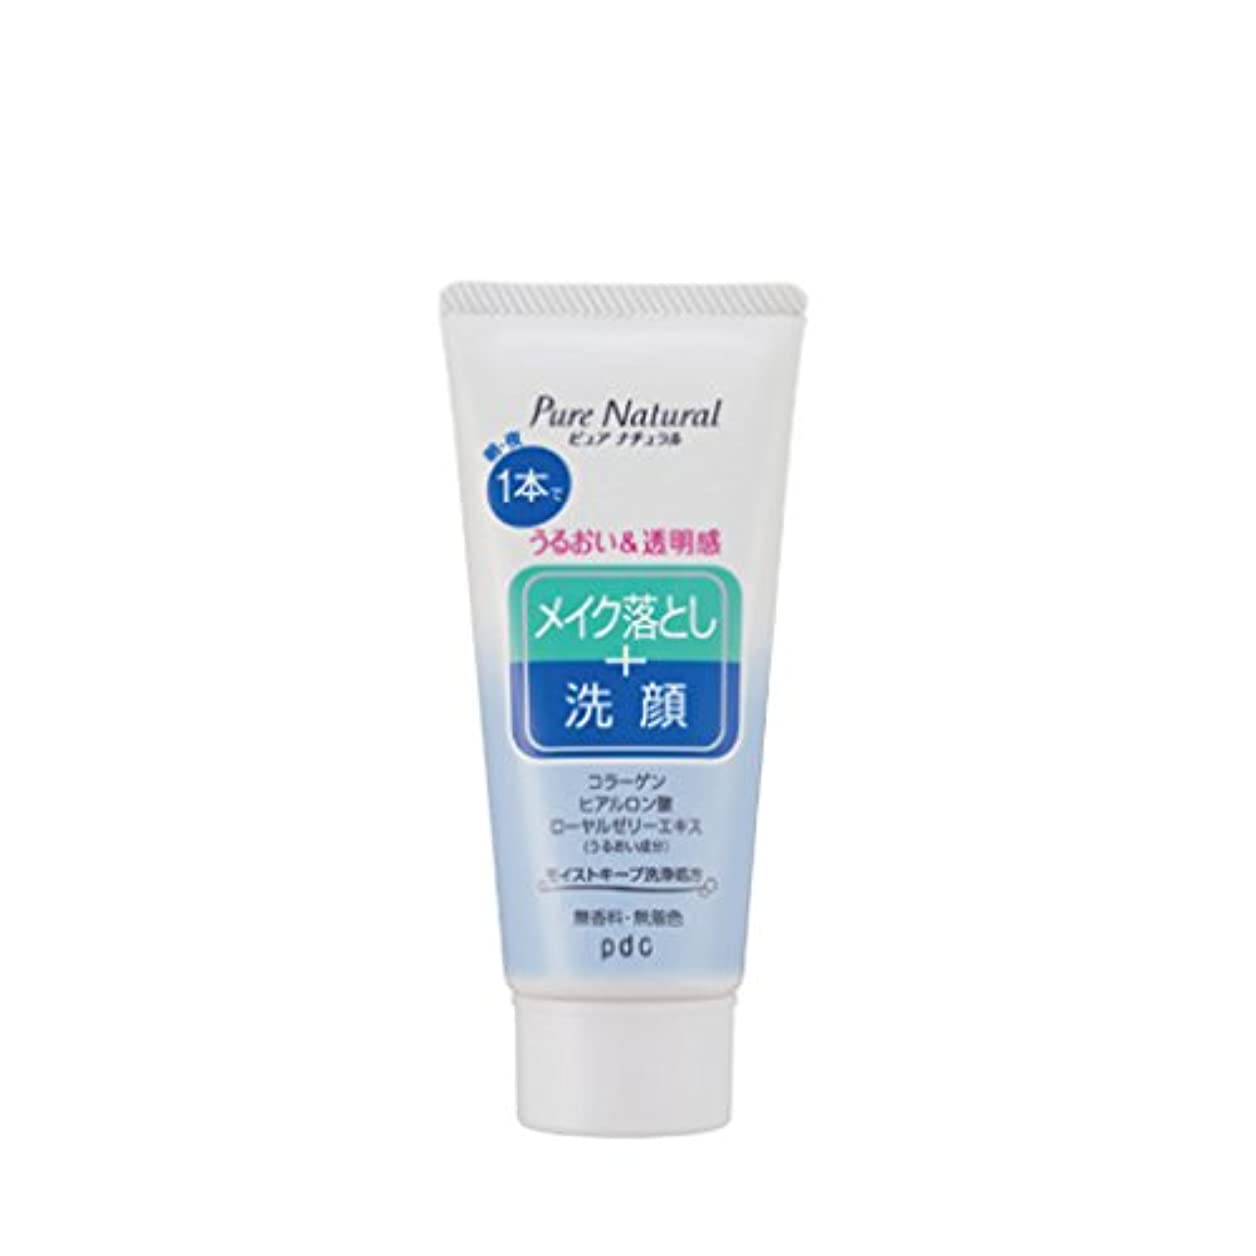 骨折ガム降伏Pure NATURAL(ピュアナチュラル) クレンジング洗顔 (ミニサイズ) 70g